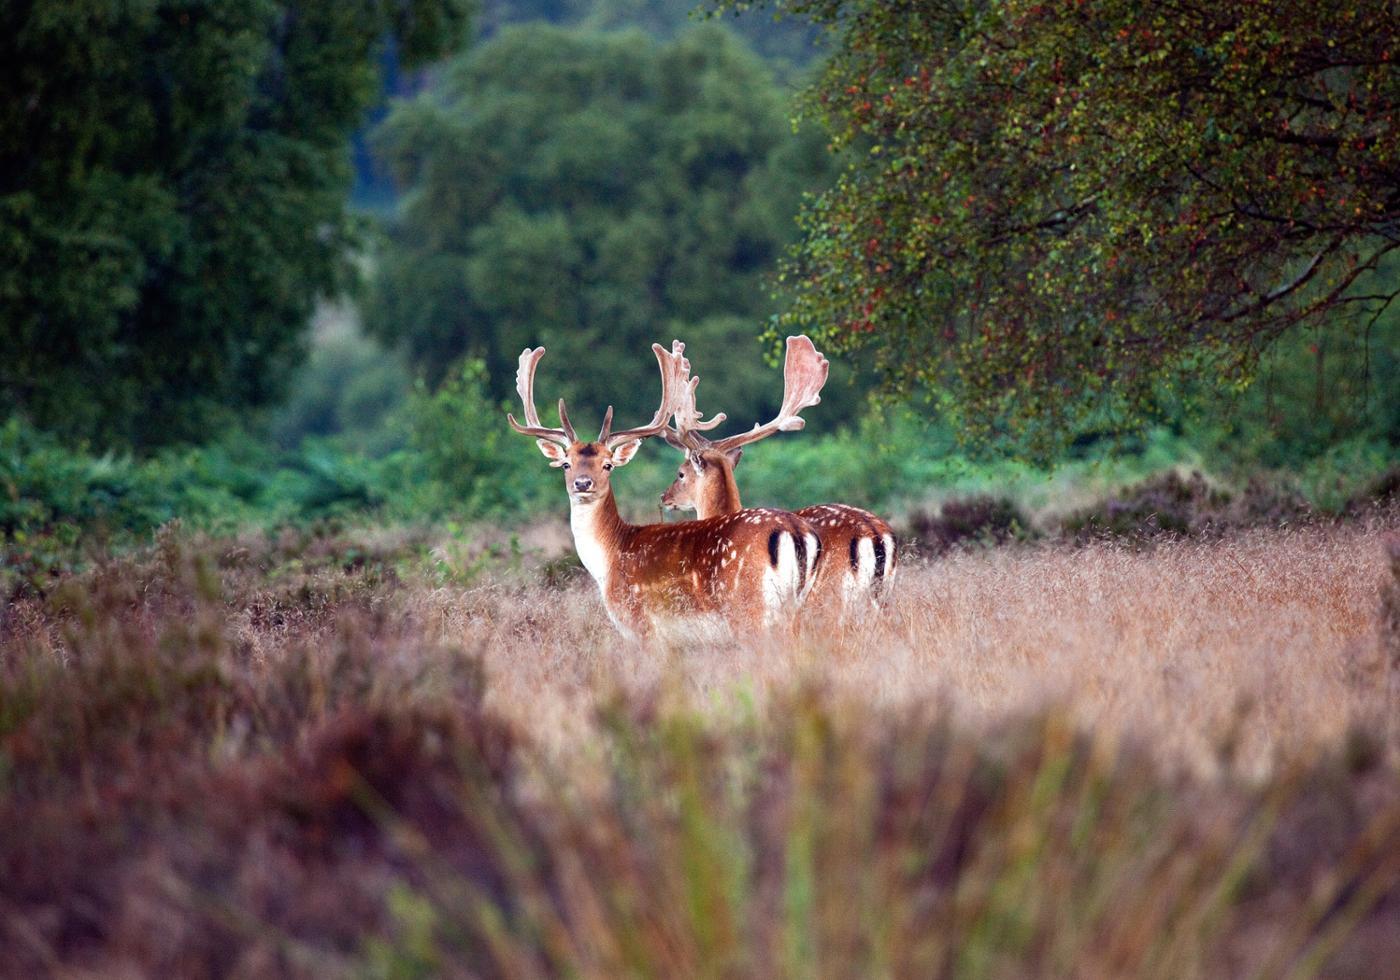 deer-s-natural-habitat